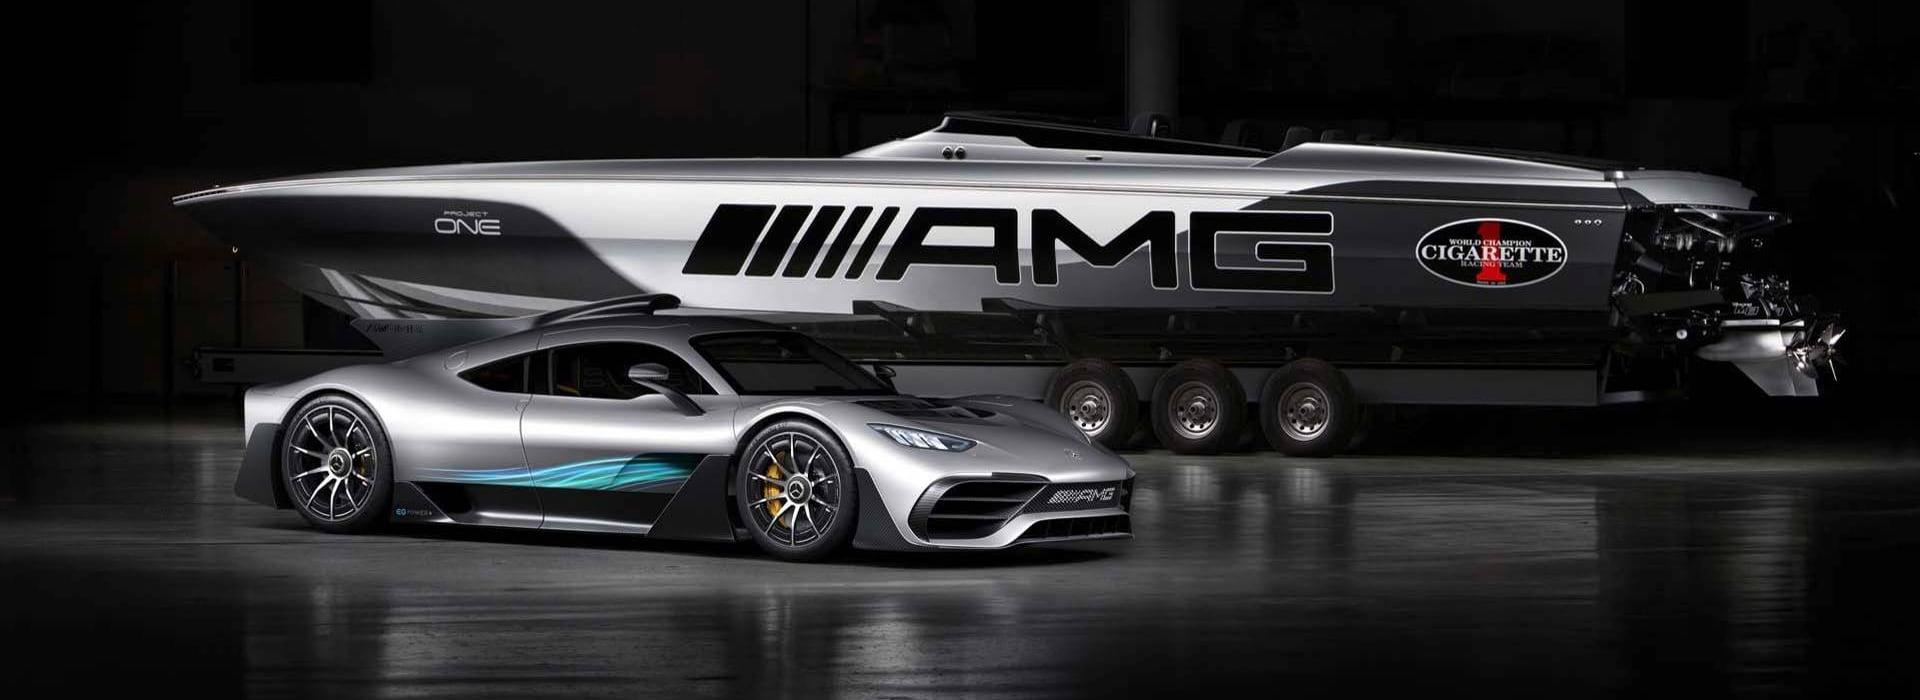 Új hajó a Mercedestől